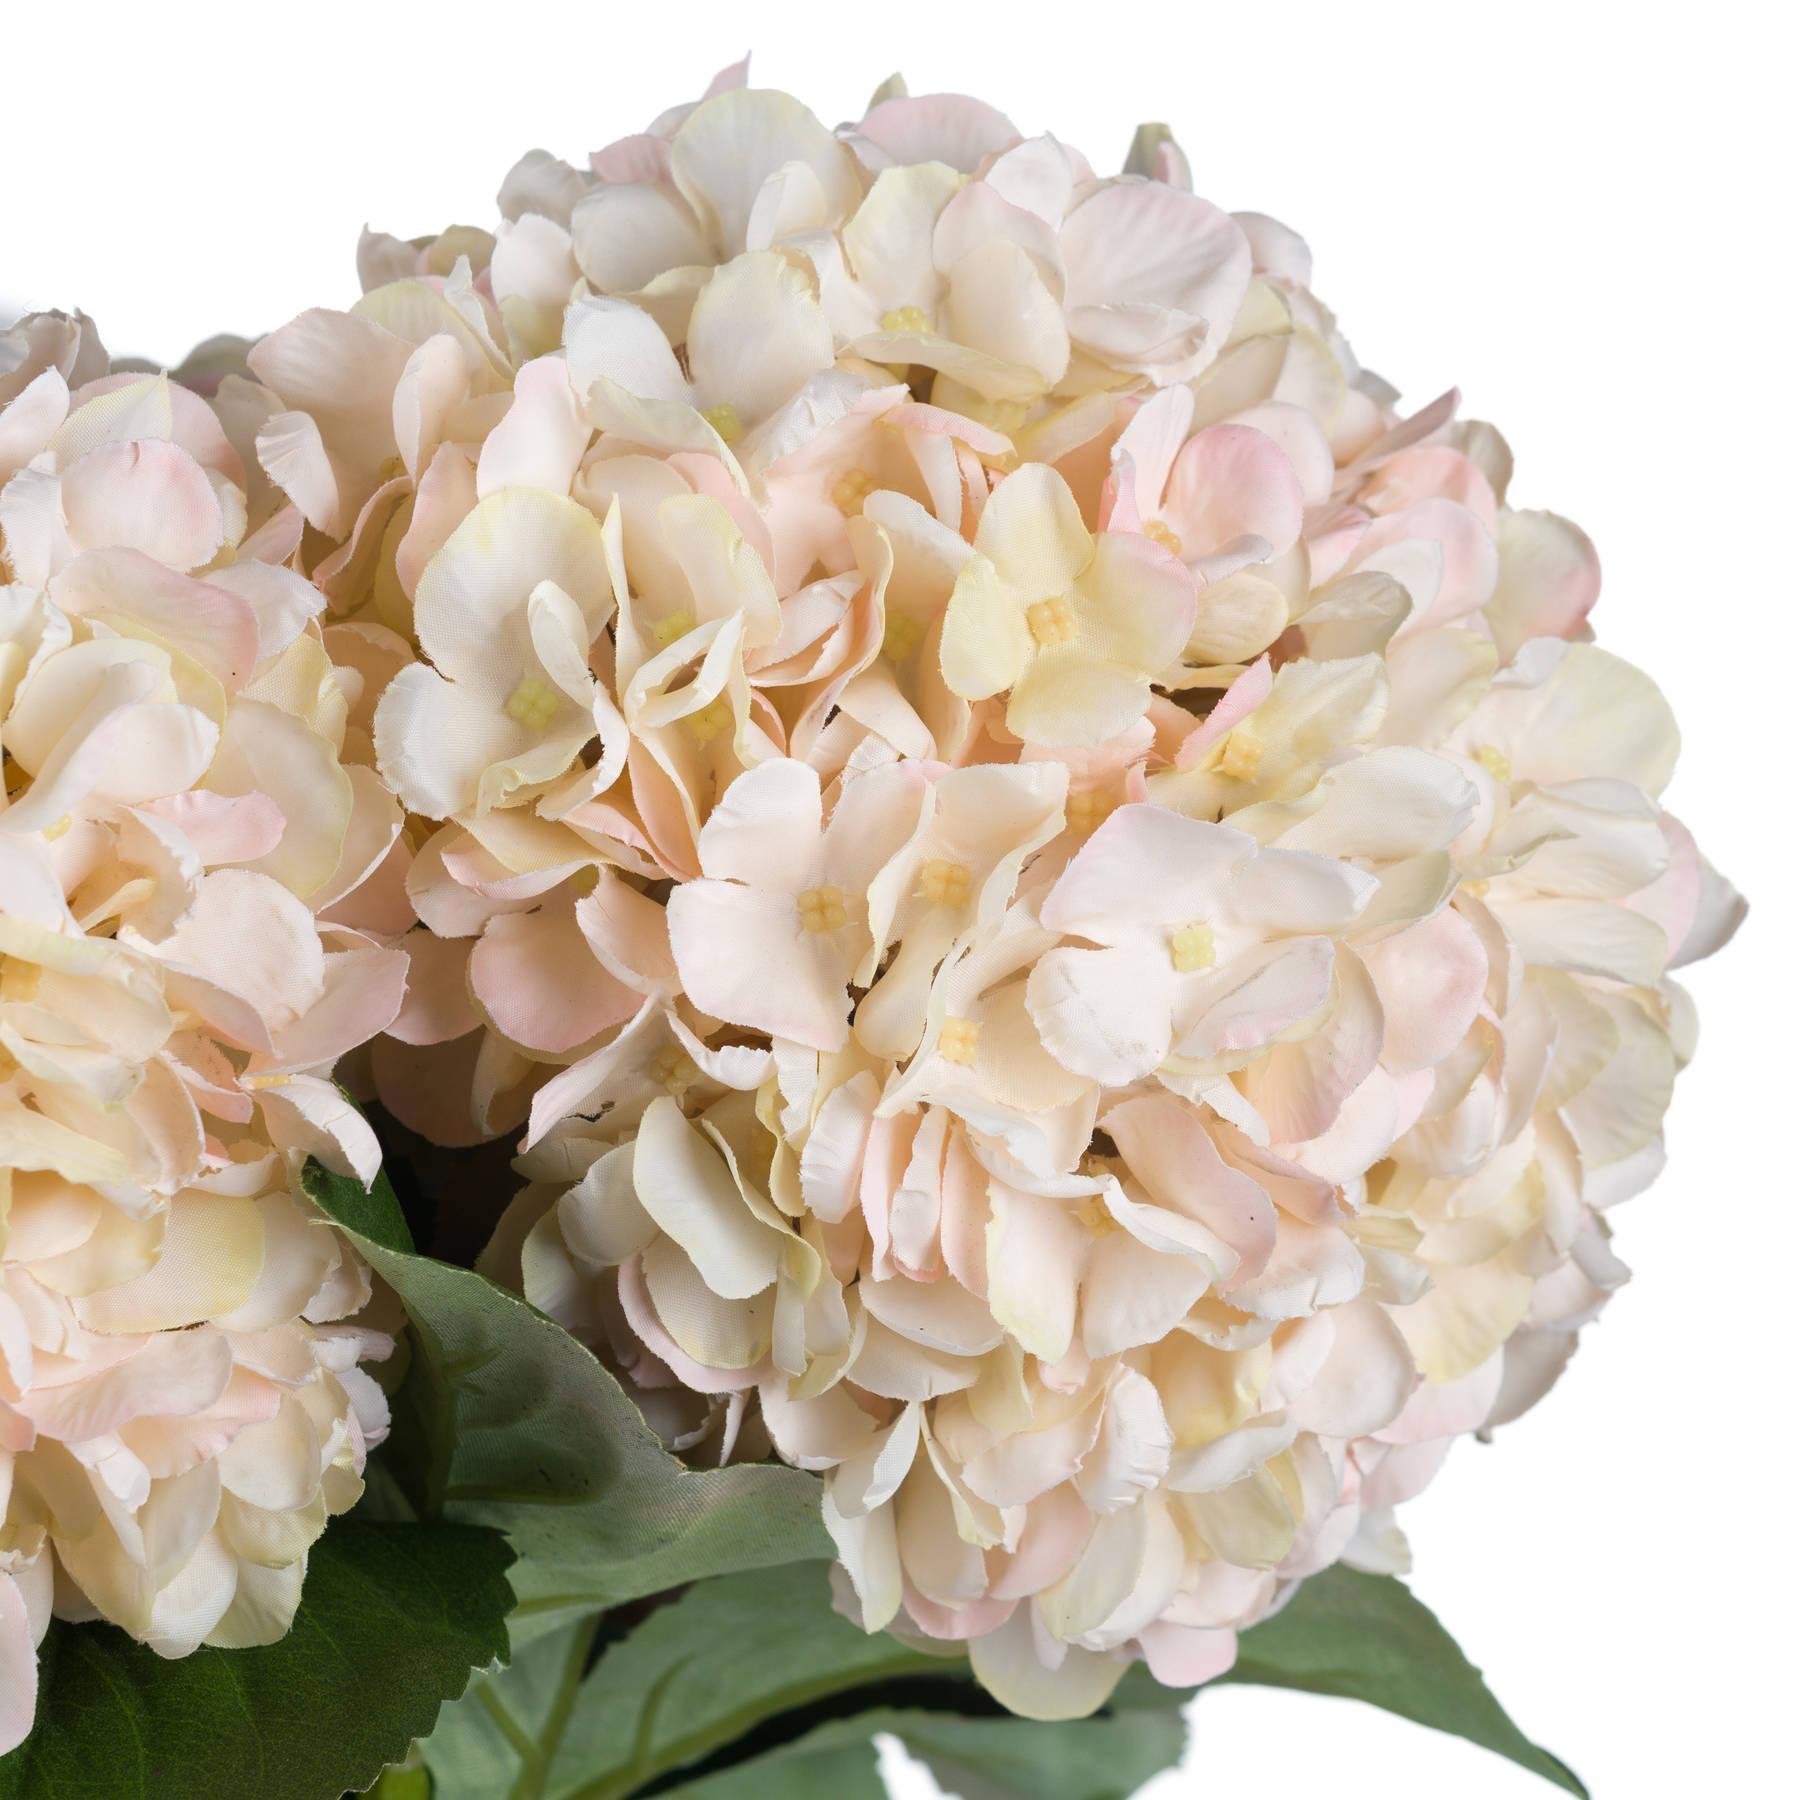 Autumn White Hydrangea - Image 5